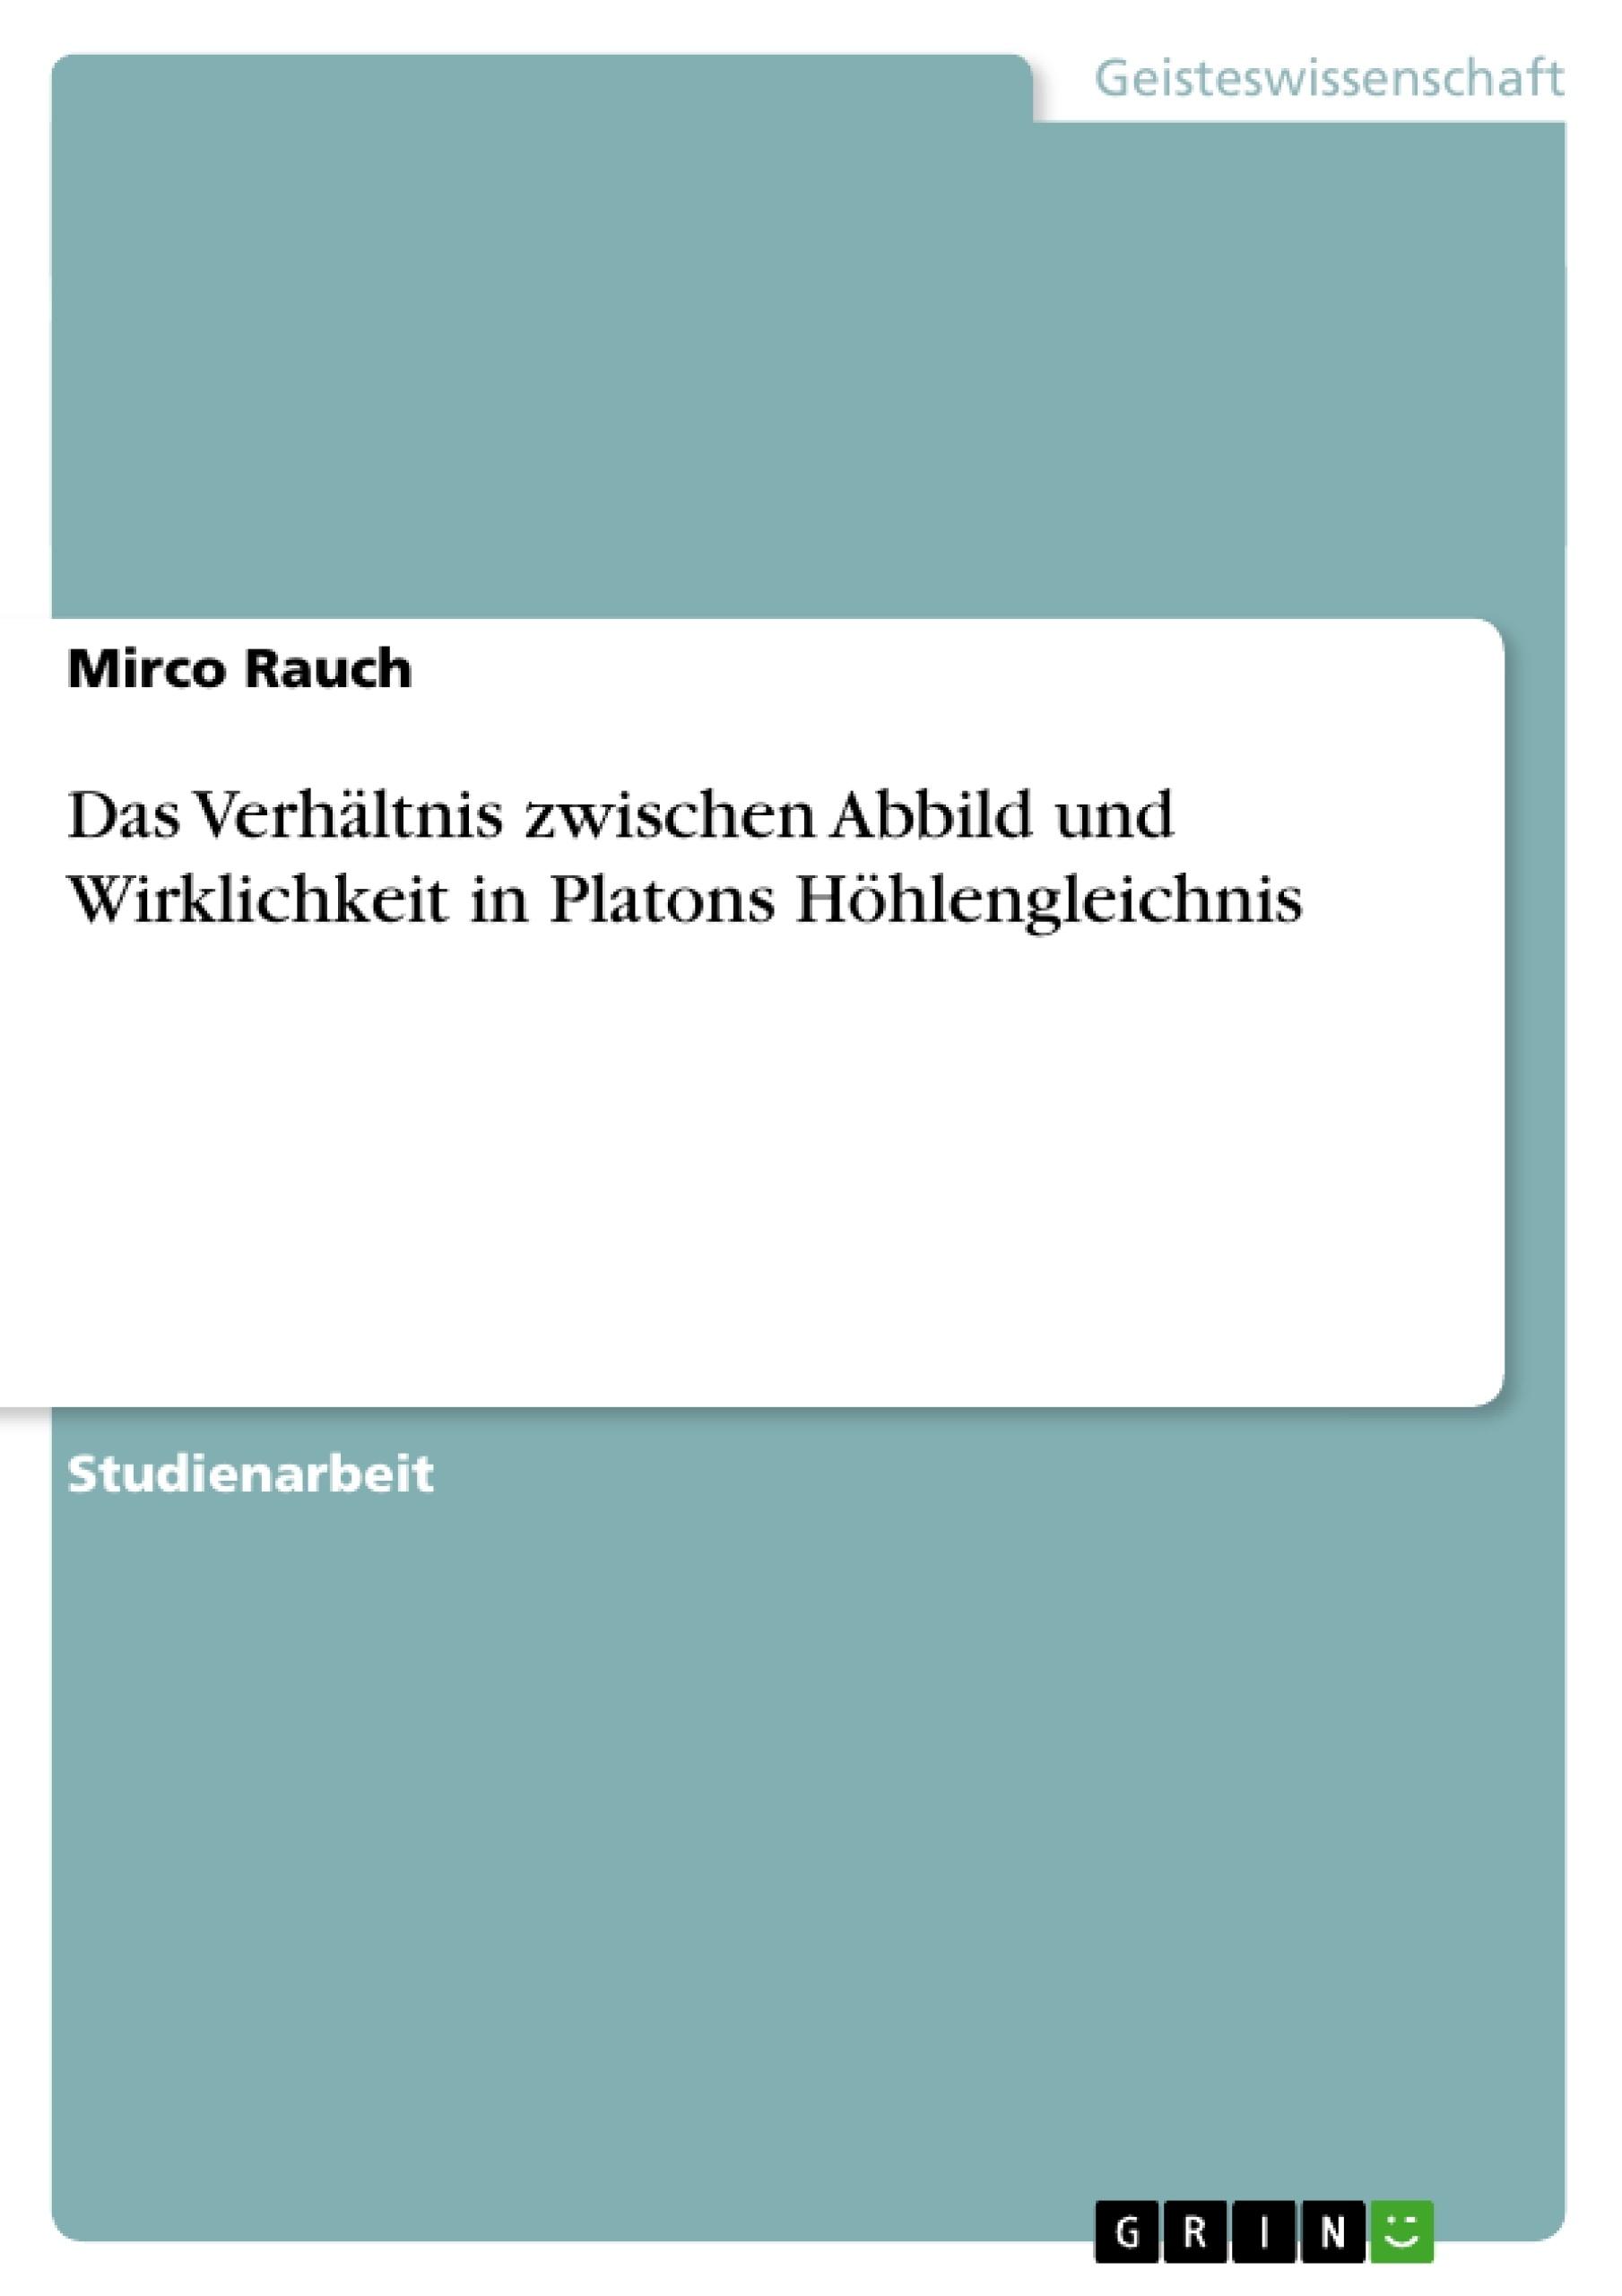 Titel: Das Verhältnis zwischen Abbild und Wirklichkeit in Platons Höhlengleichnis